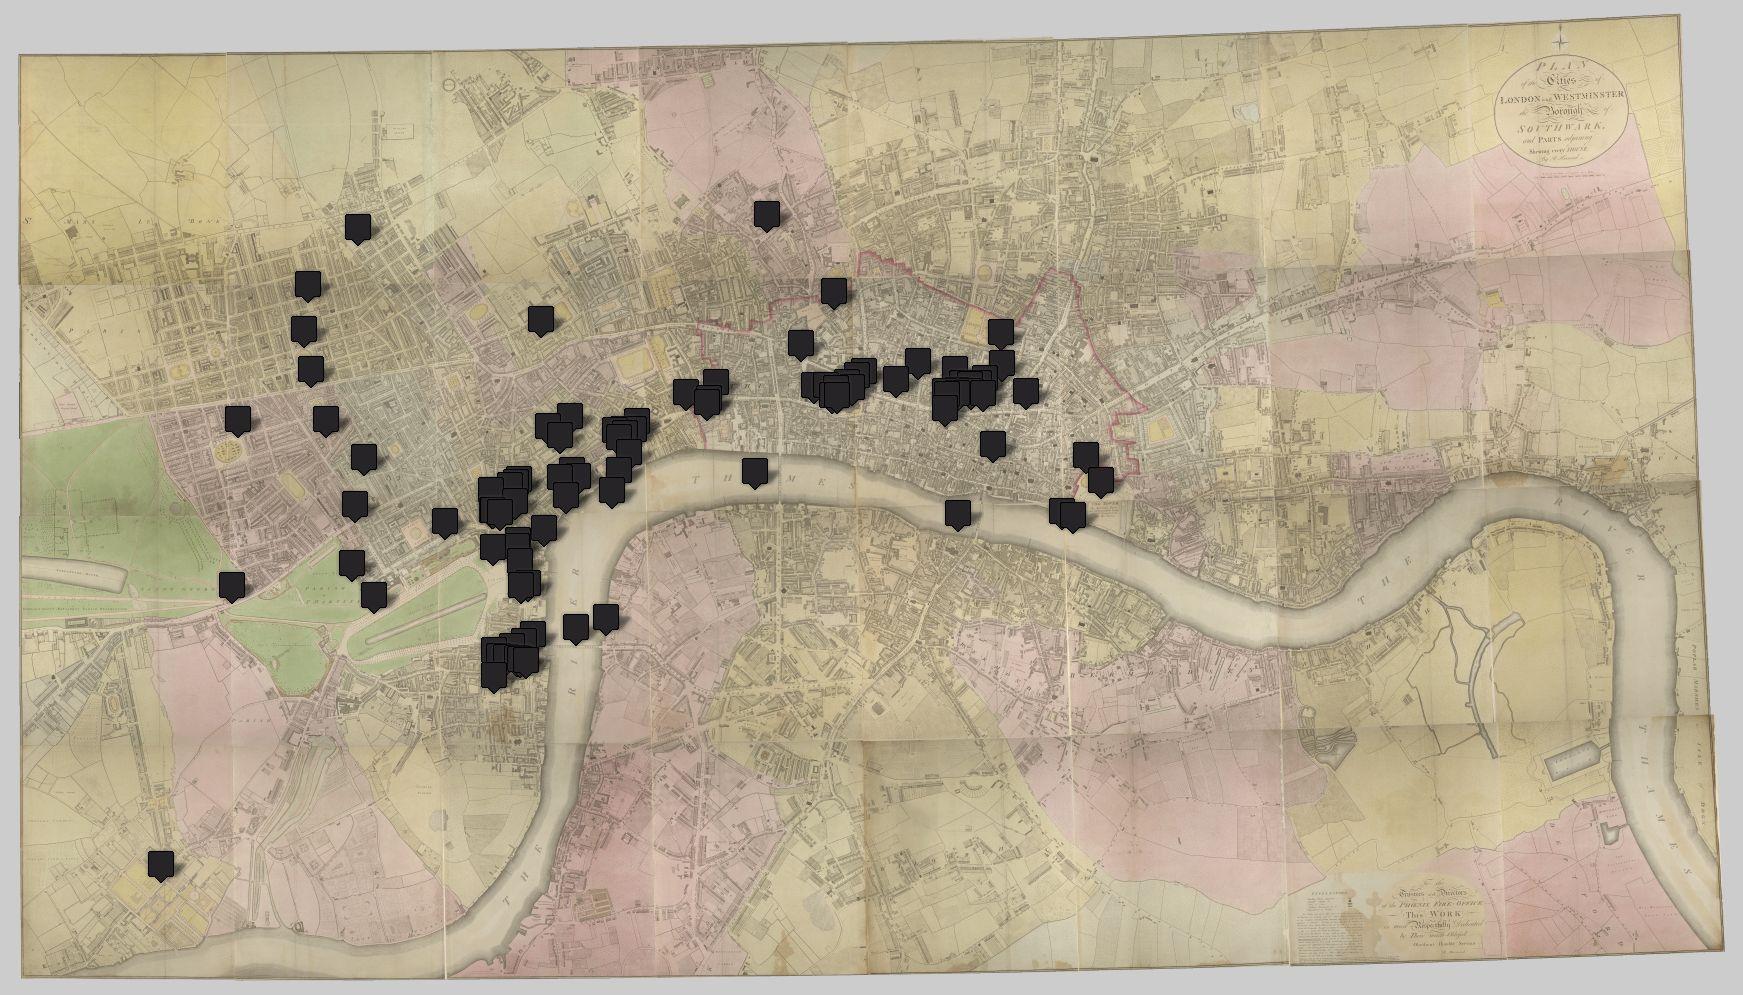 Malton's Picturesque Tour map (matthew sangster)